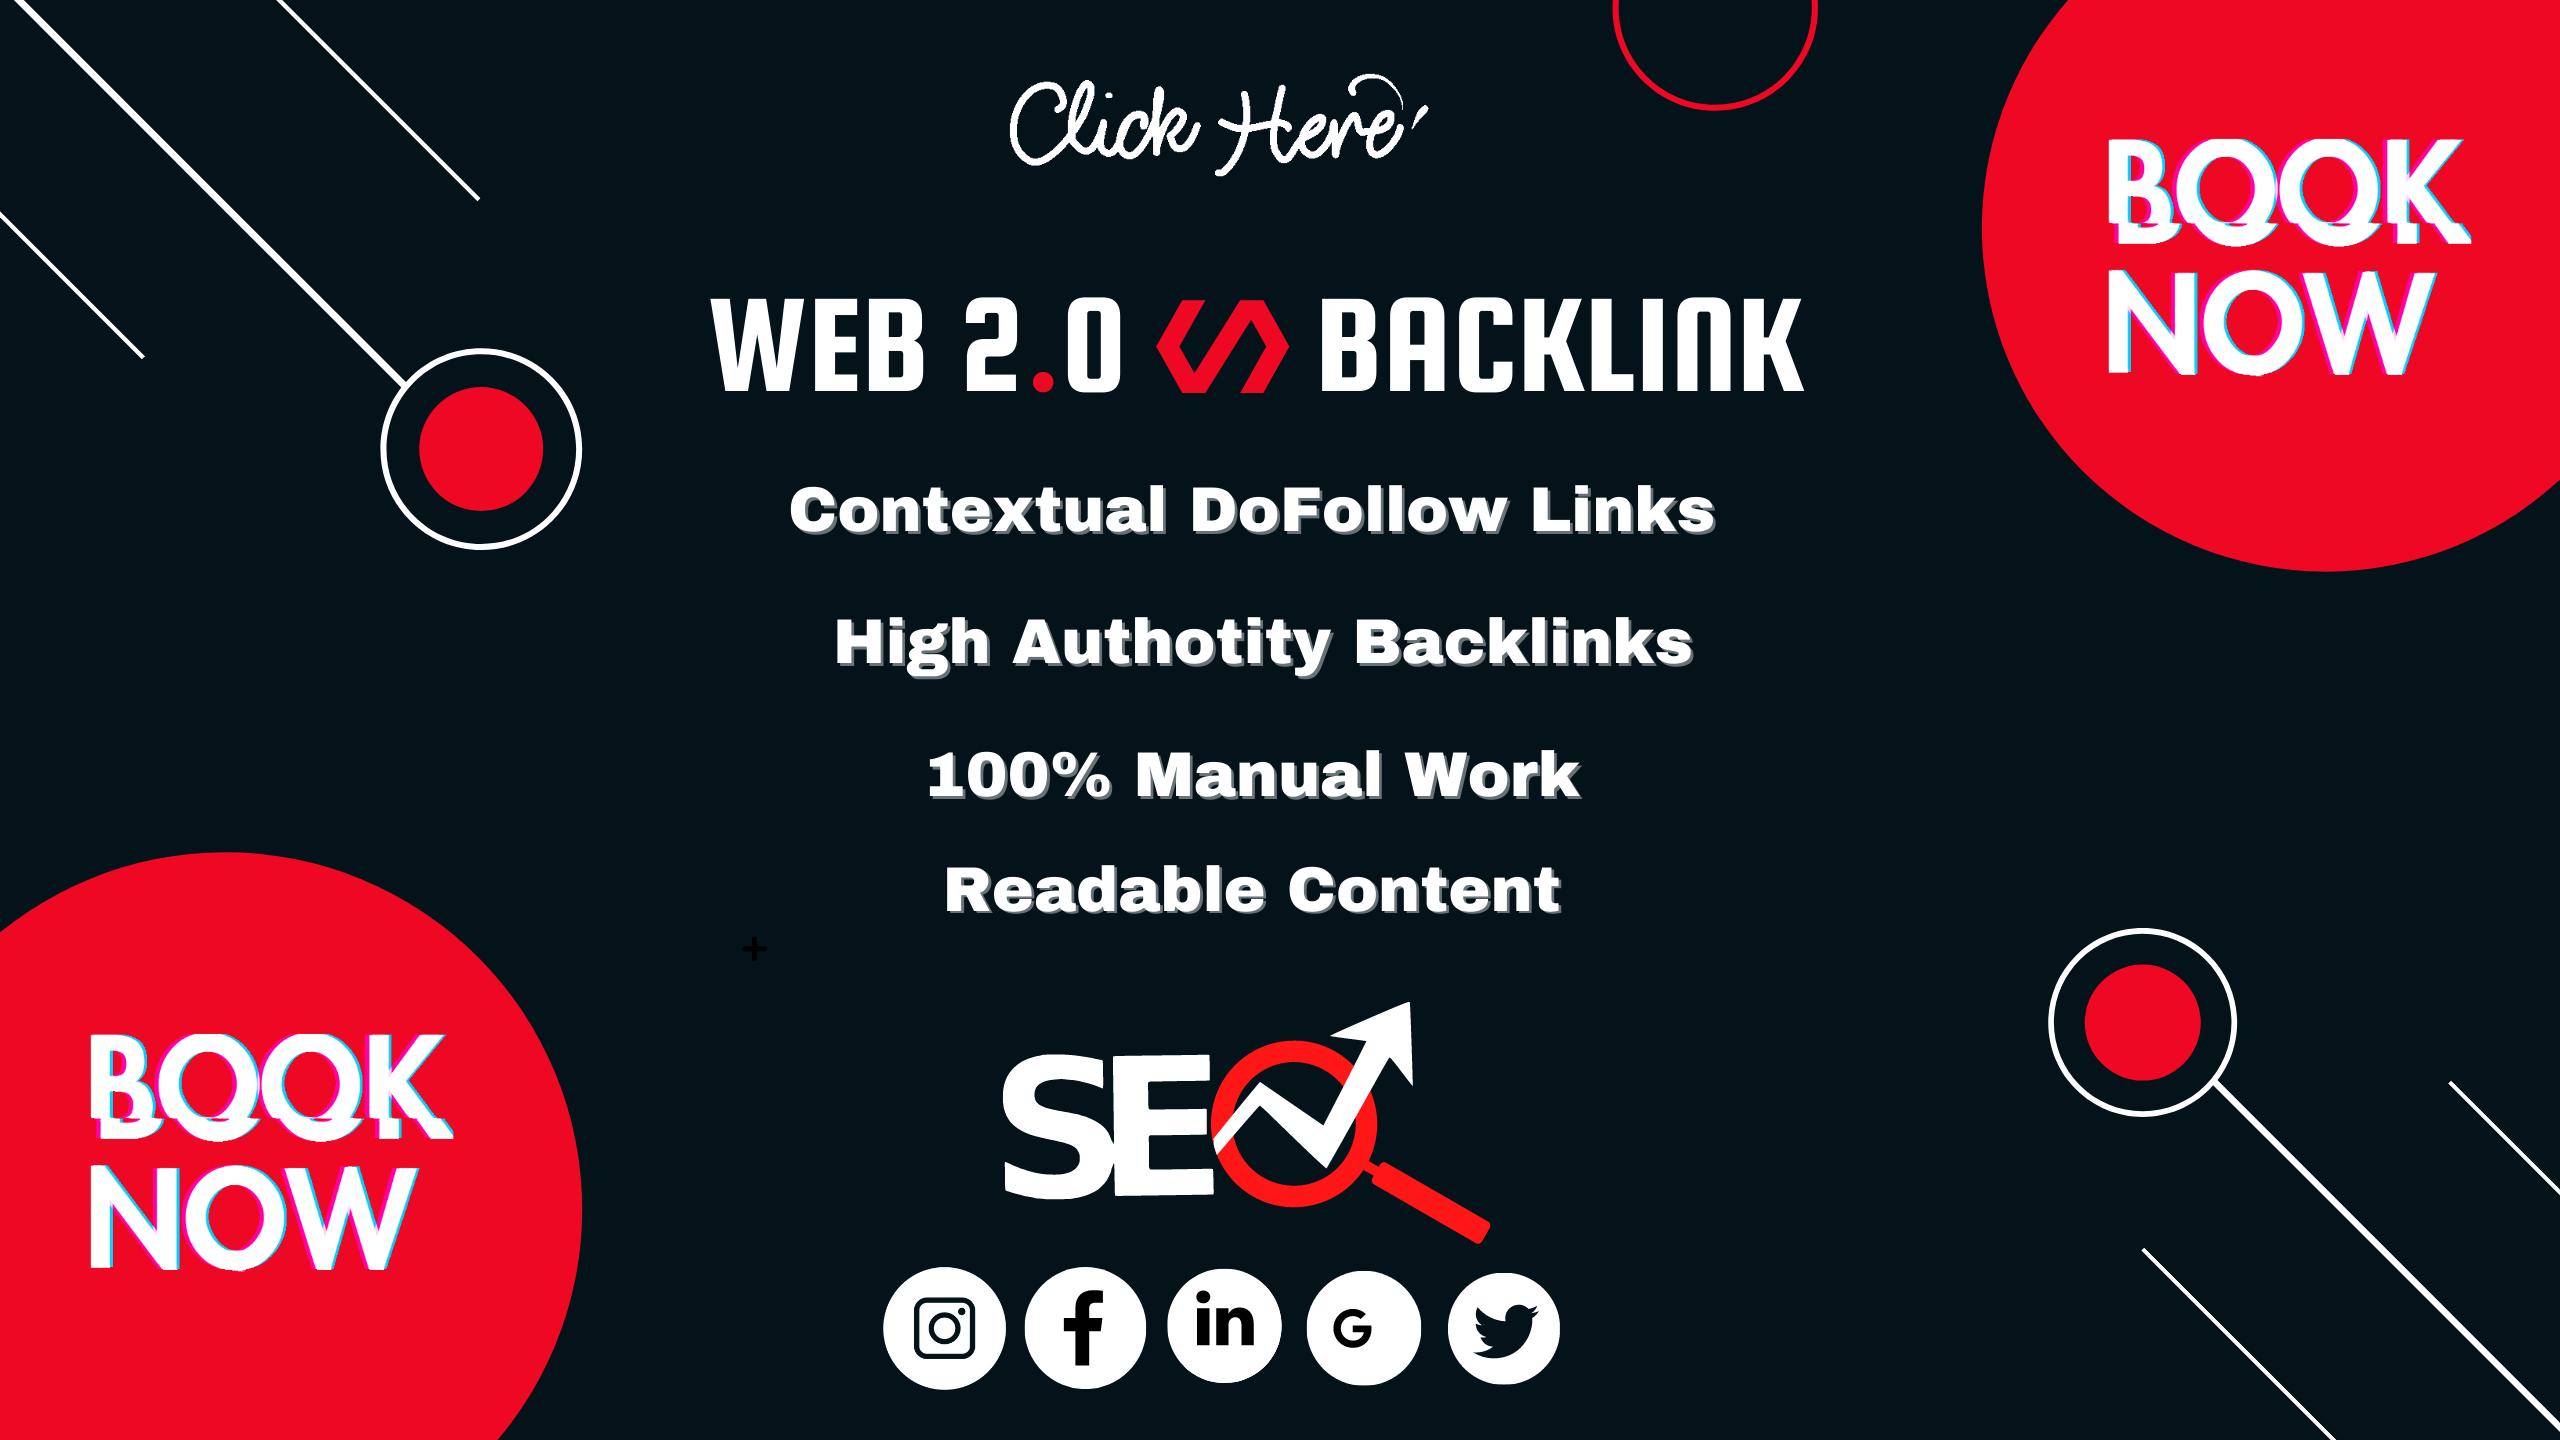 I will manually build high authority web 2.0 backlinks